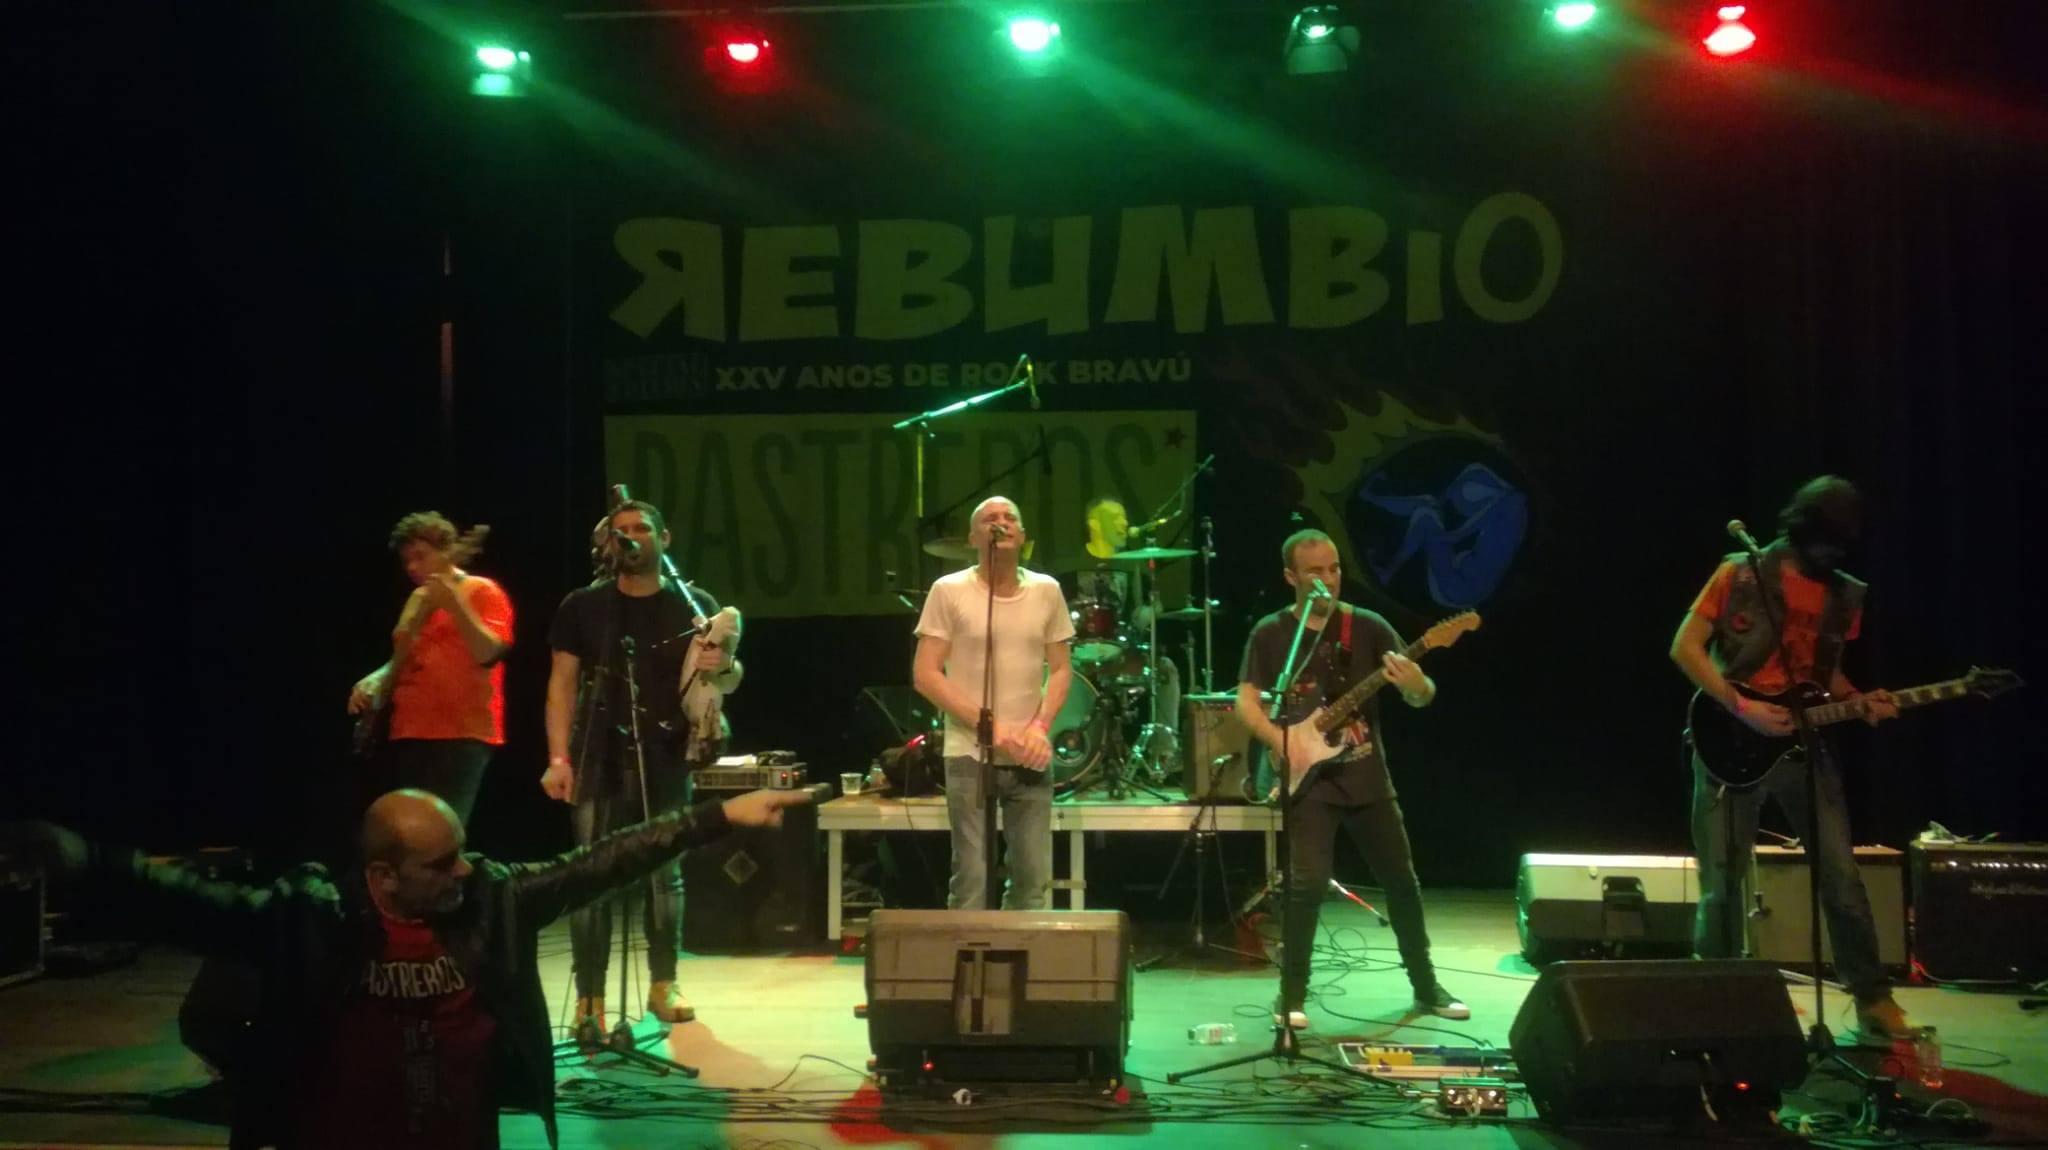 Rebumbio_Bravu_14dec2019_2